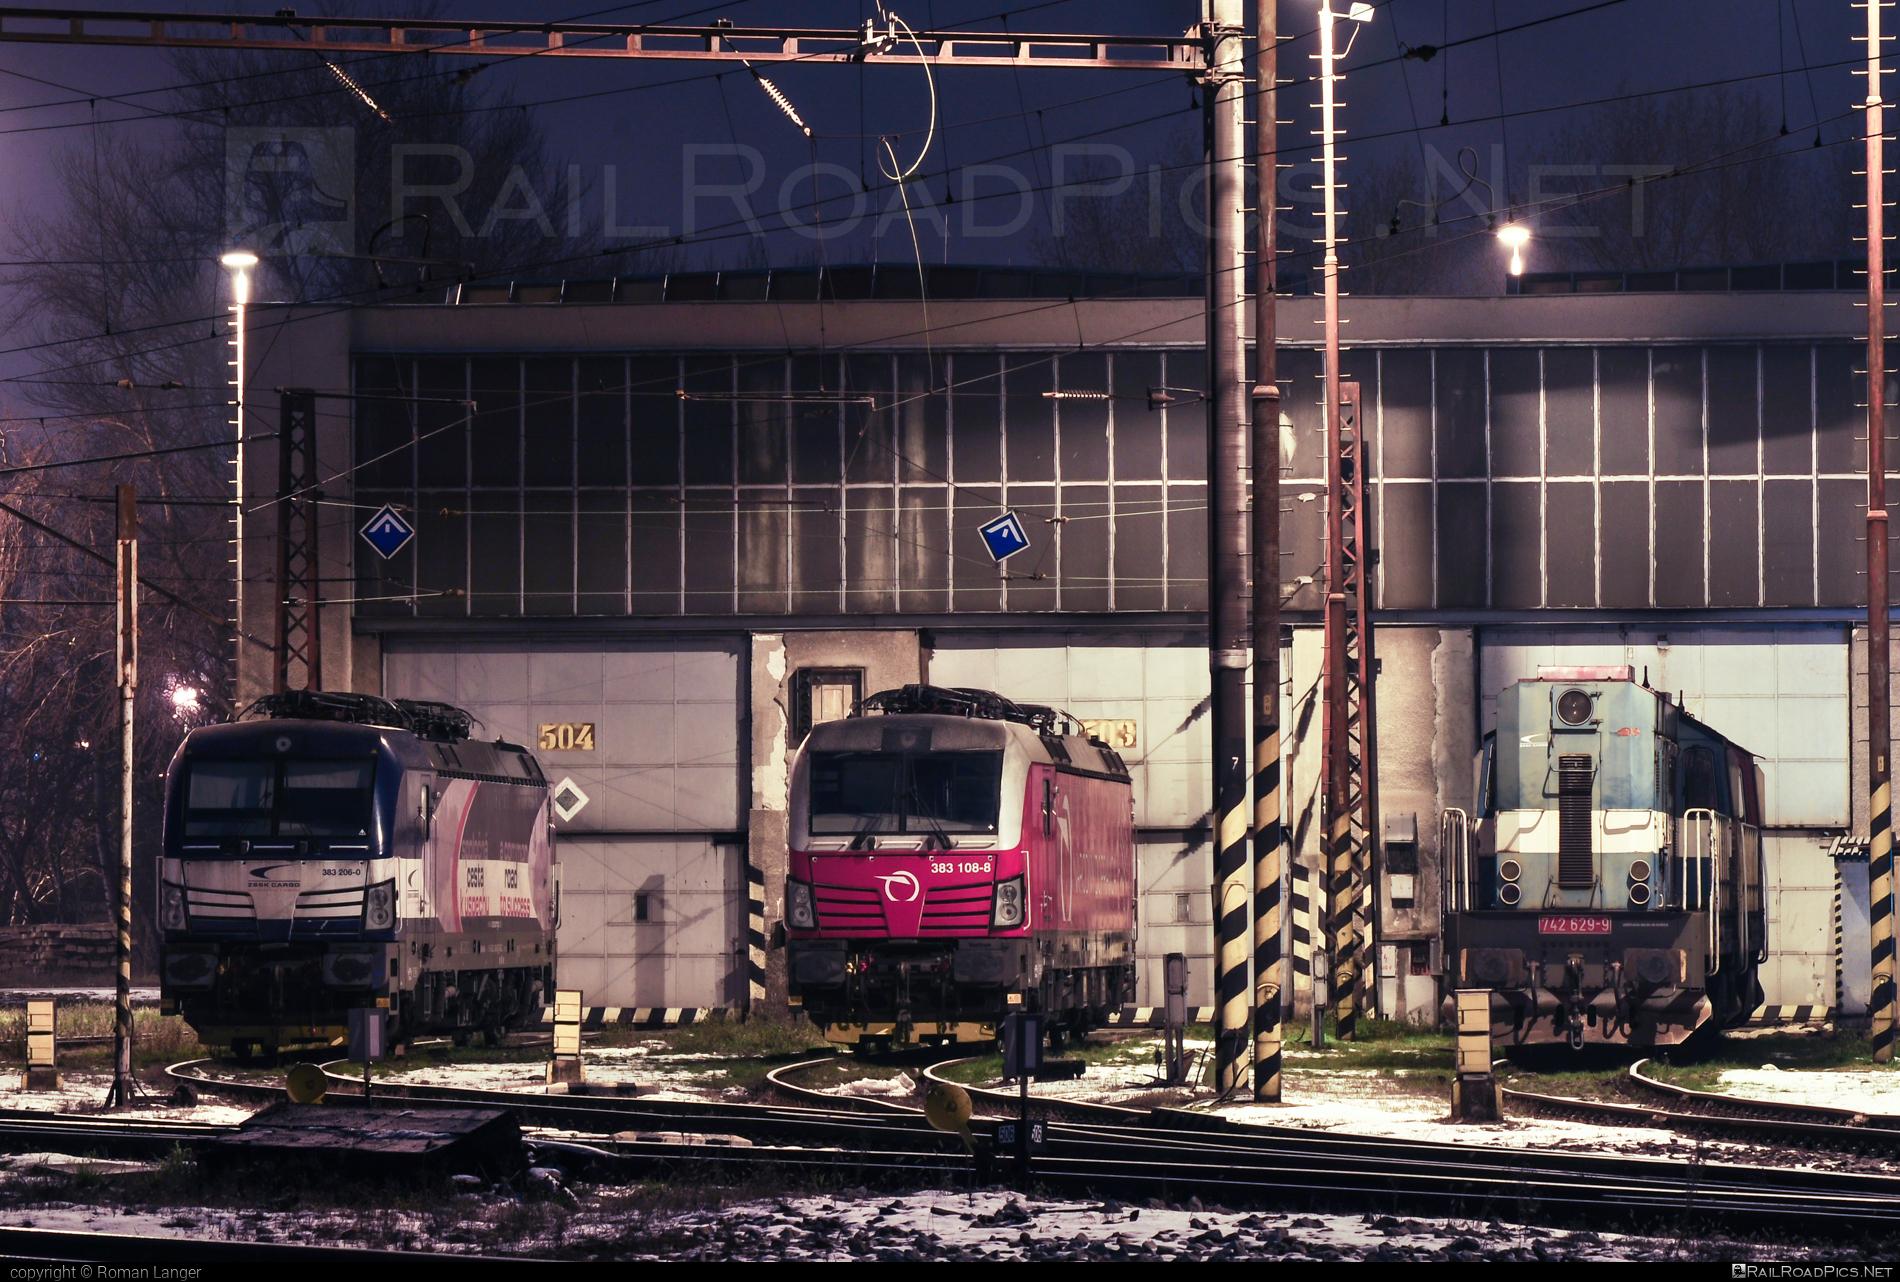 Siemens Vectron MS - 383 108-8 operated by Železničná Spoločnost' Slovensko, a.s. #RollingStockLease #RollingStockLeaseSro #ZeleznicnaSpolocnostSlovensko #raill #siemens #siemensvectron #siemensvectronms #vectron #vectronms #zssk